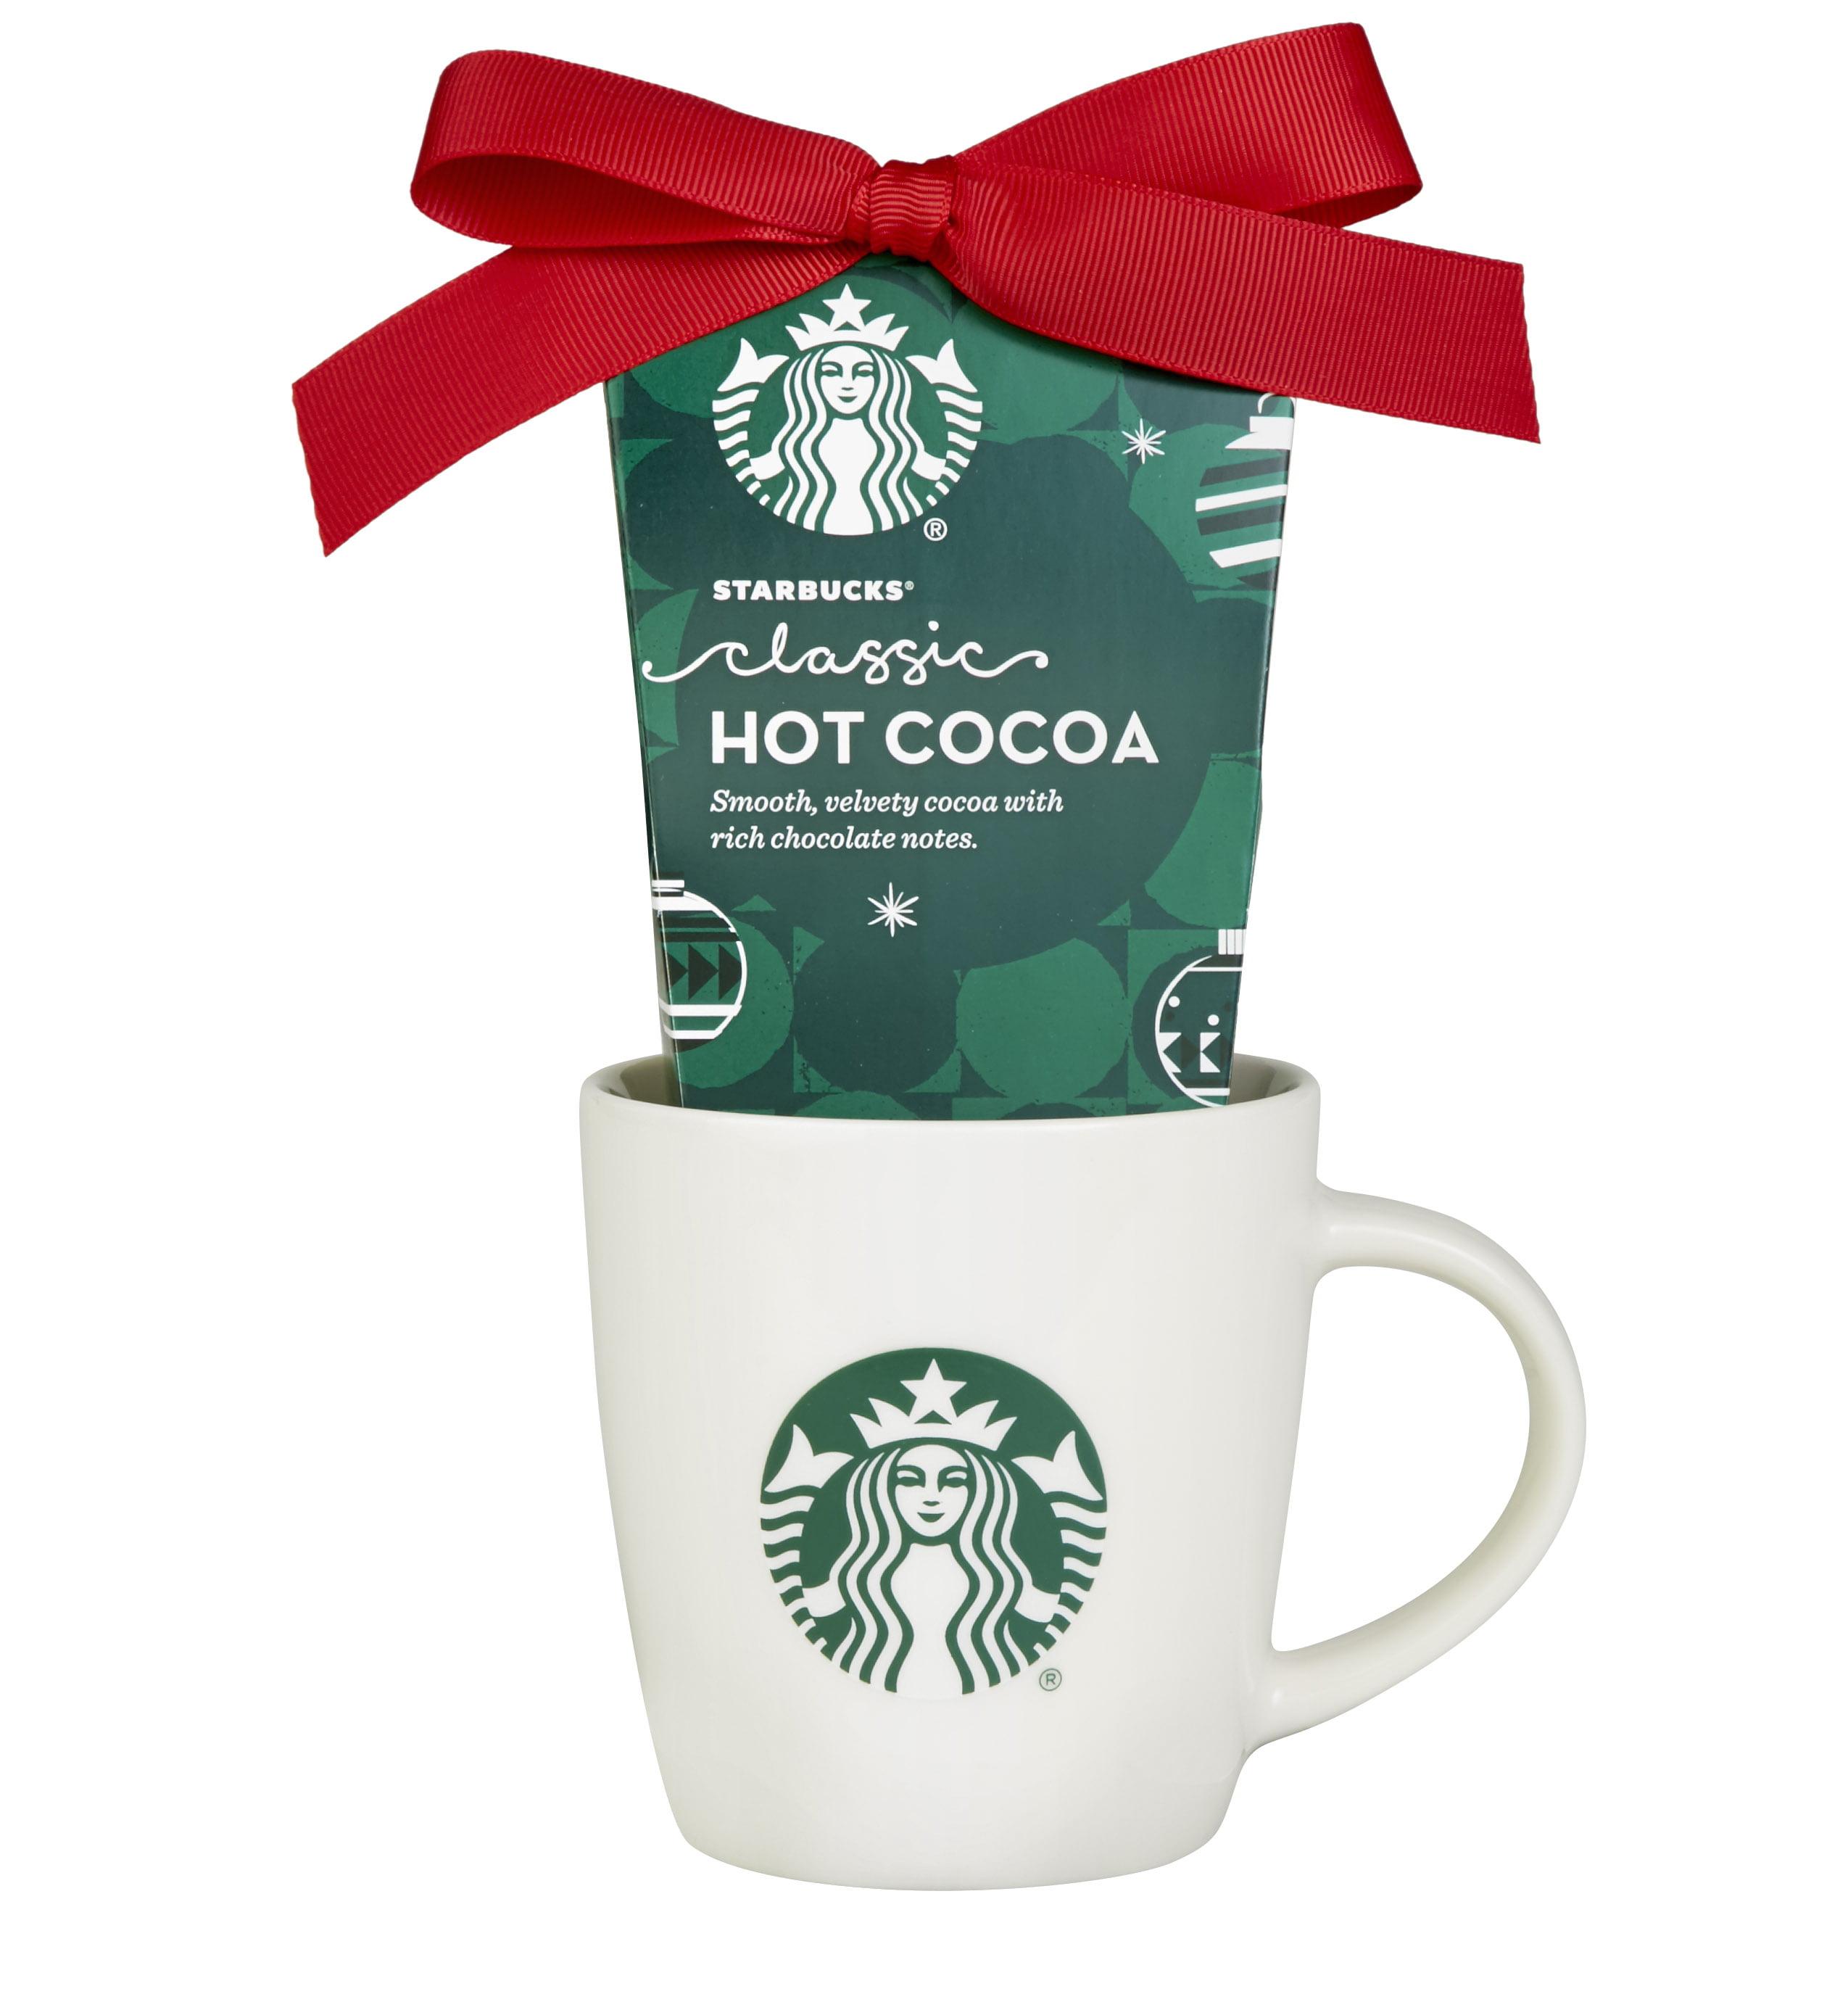 Starbucks Hot Cocoa Christmas Holiday Tea Coffee Mug Gift Set